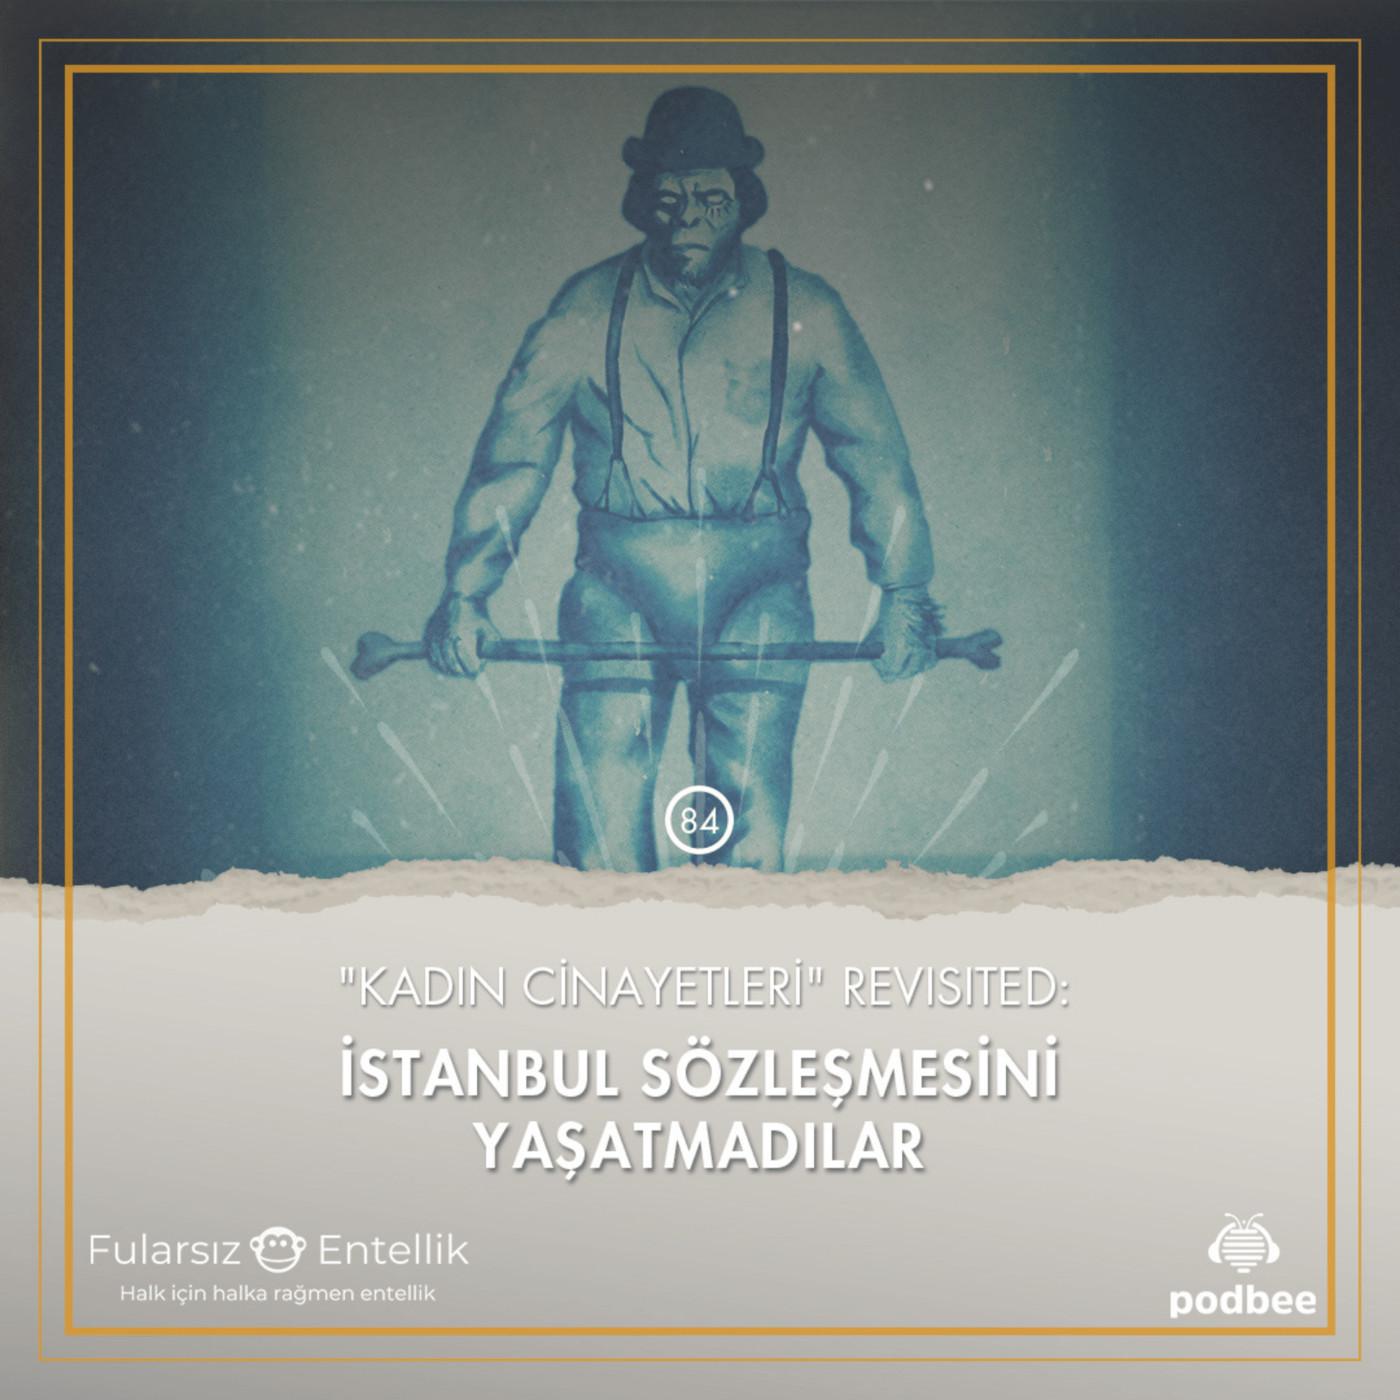 İstanbul Sözleşmesi Yaşatılmadı: Hegemonya ve Ailenin Kutsallığı Üstüne